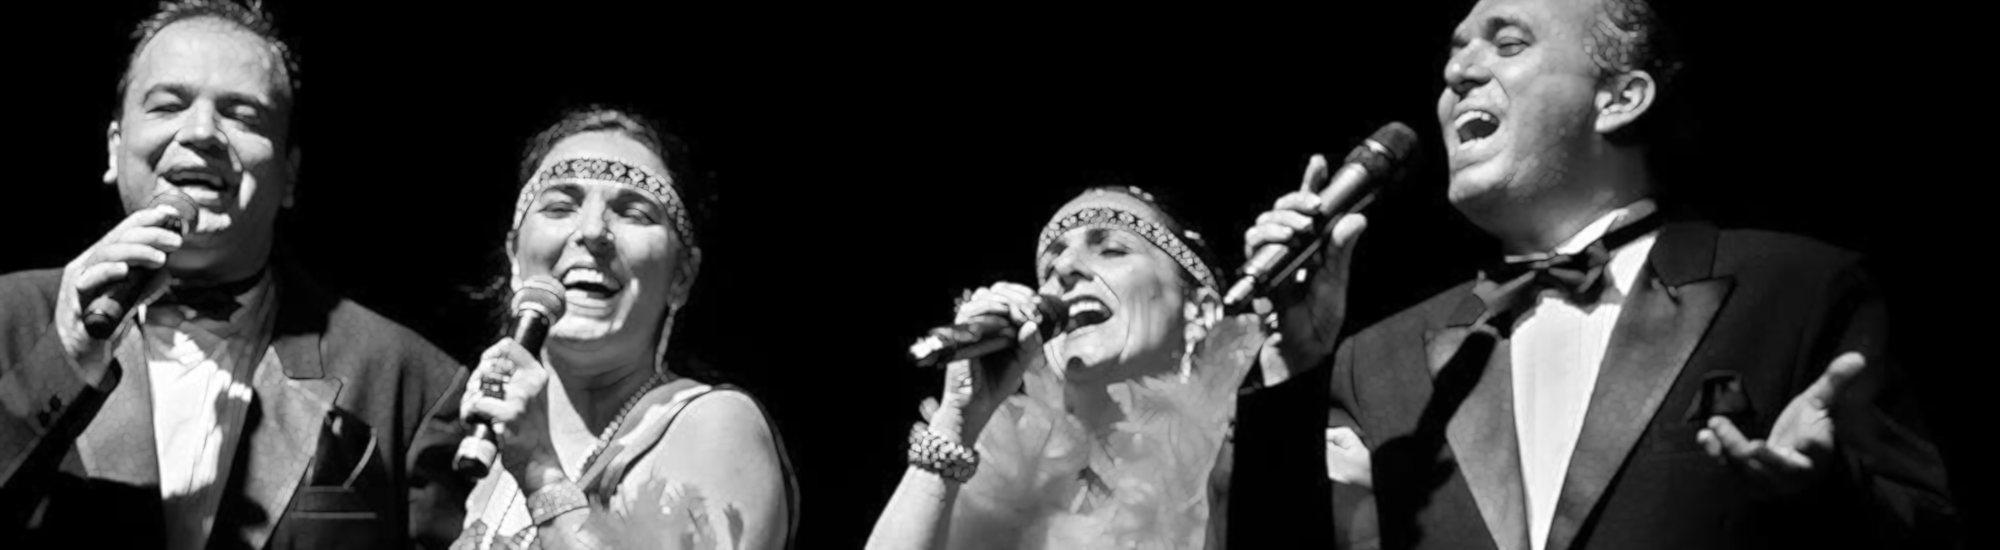 Com participação da Monja Coen, Trovadores Urbanos oferecem mais 1 Música e Meditação no Escuro